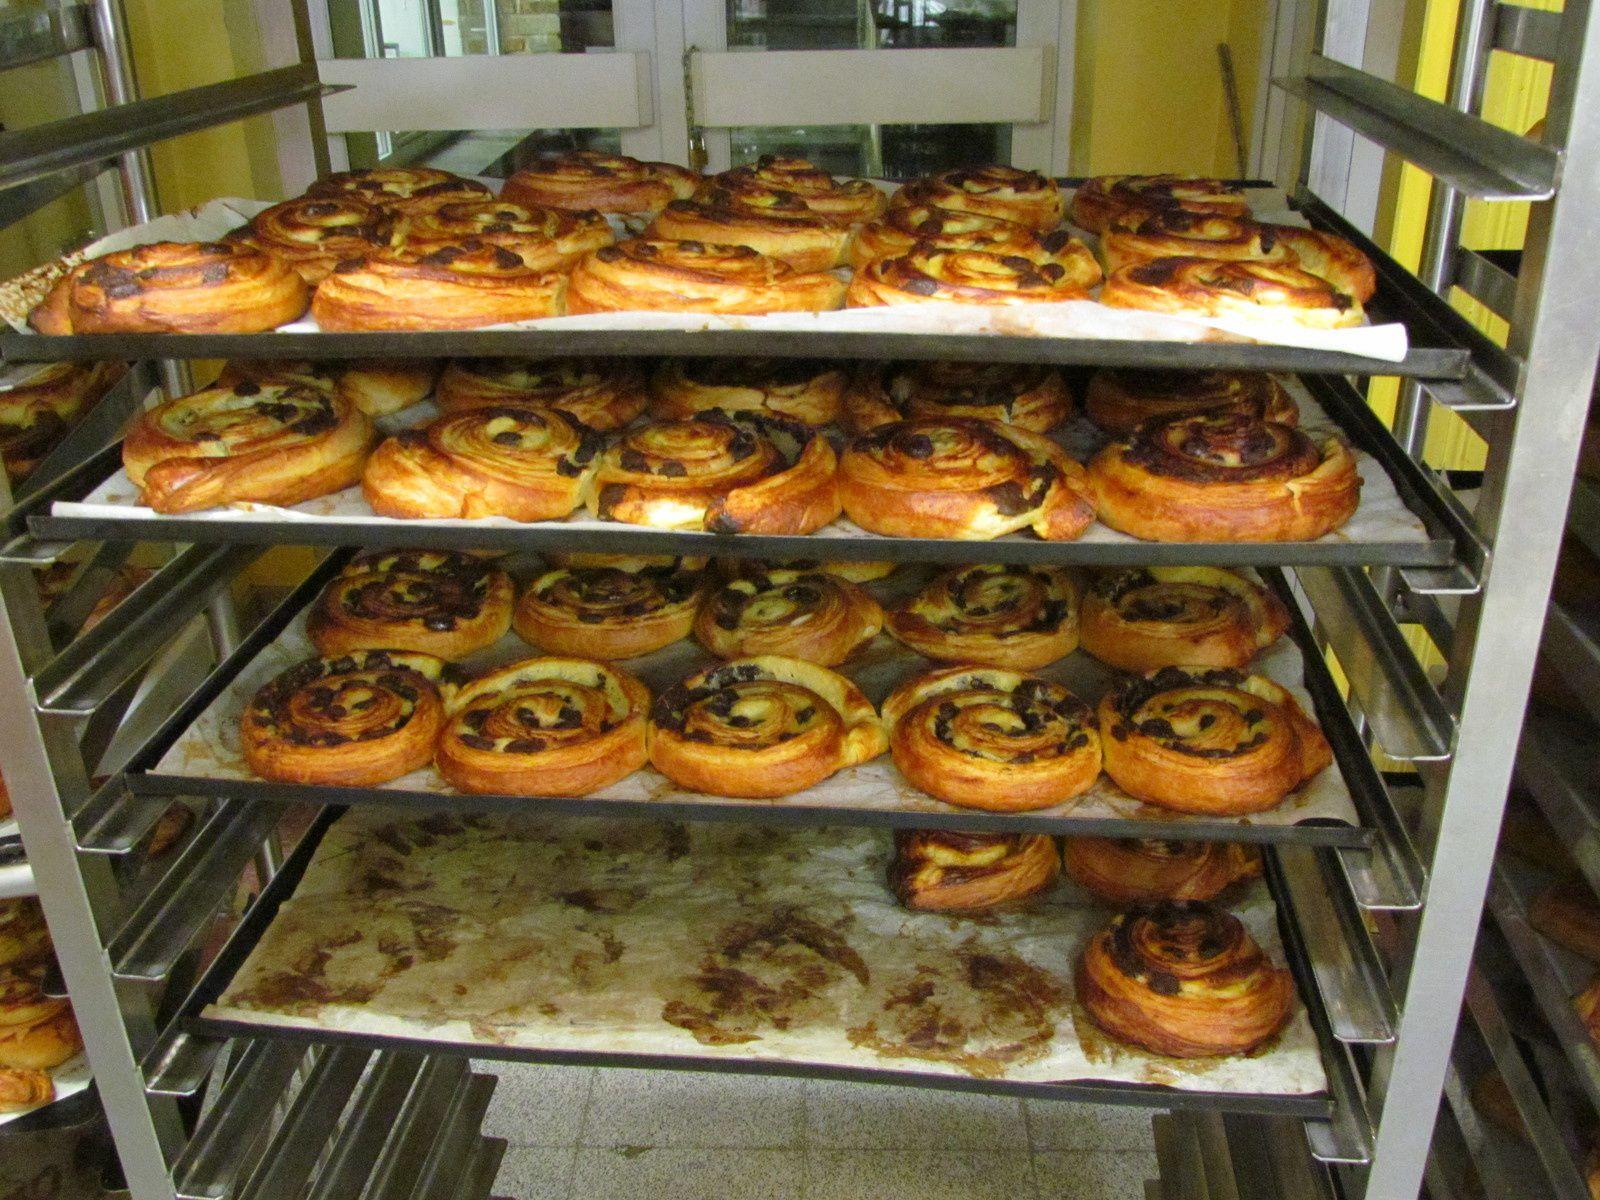 Les 24 heures de boulangerie